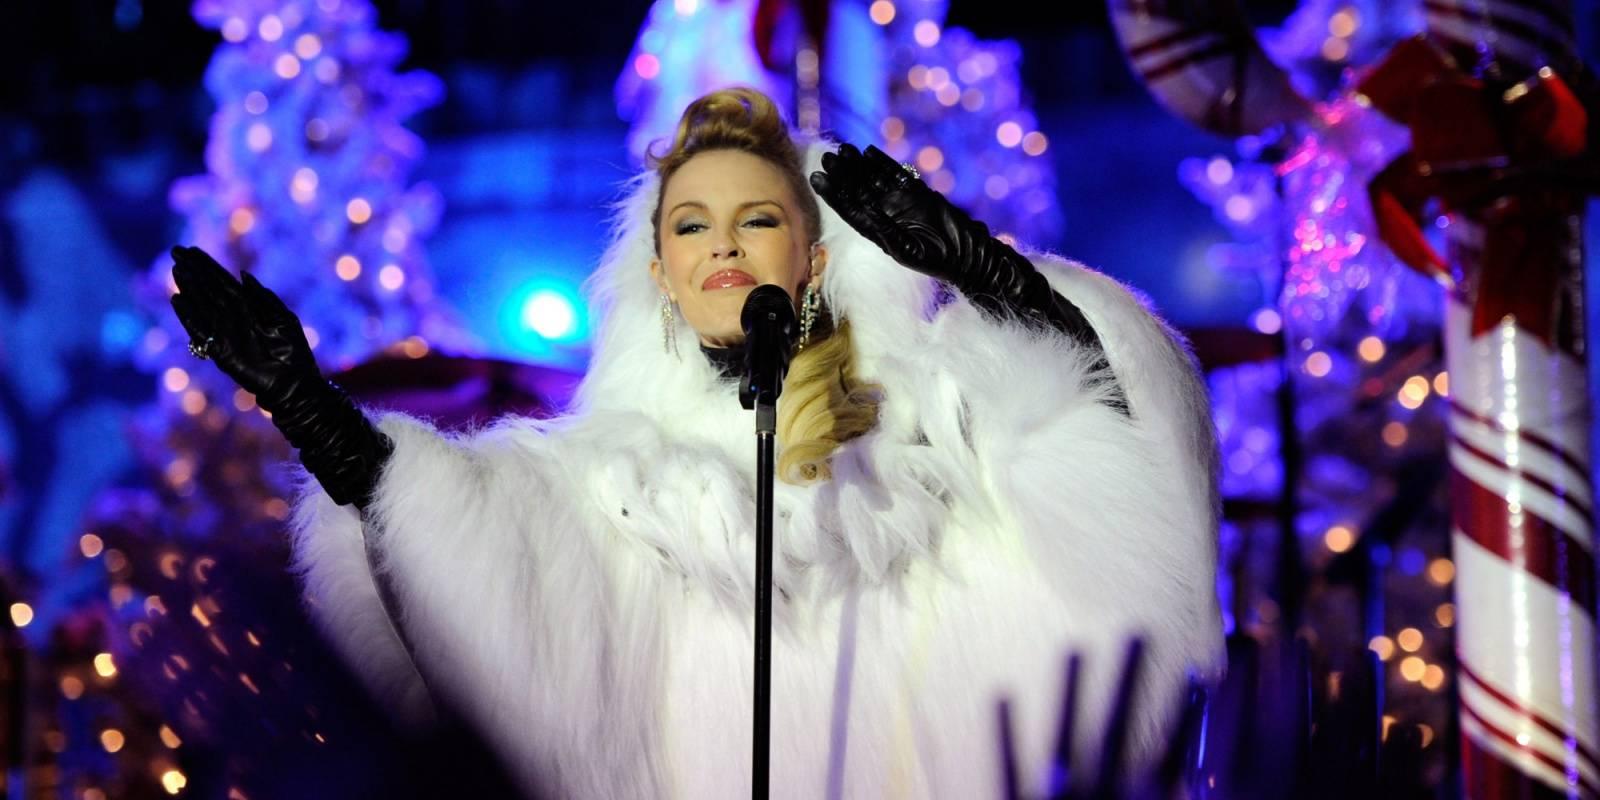 RECENZE: Vánoce podle Kylie Minogue: Santa Claus, láska, rolničky a hou hou hou